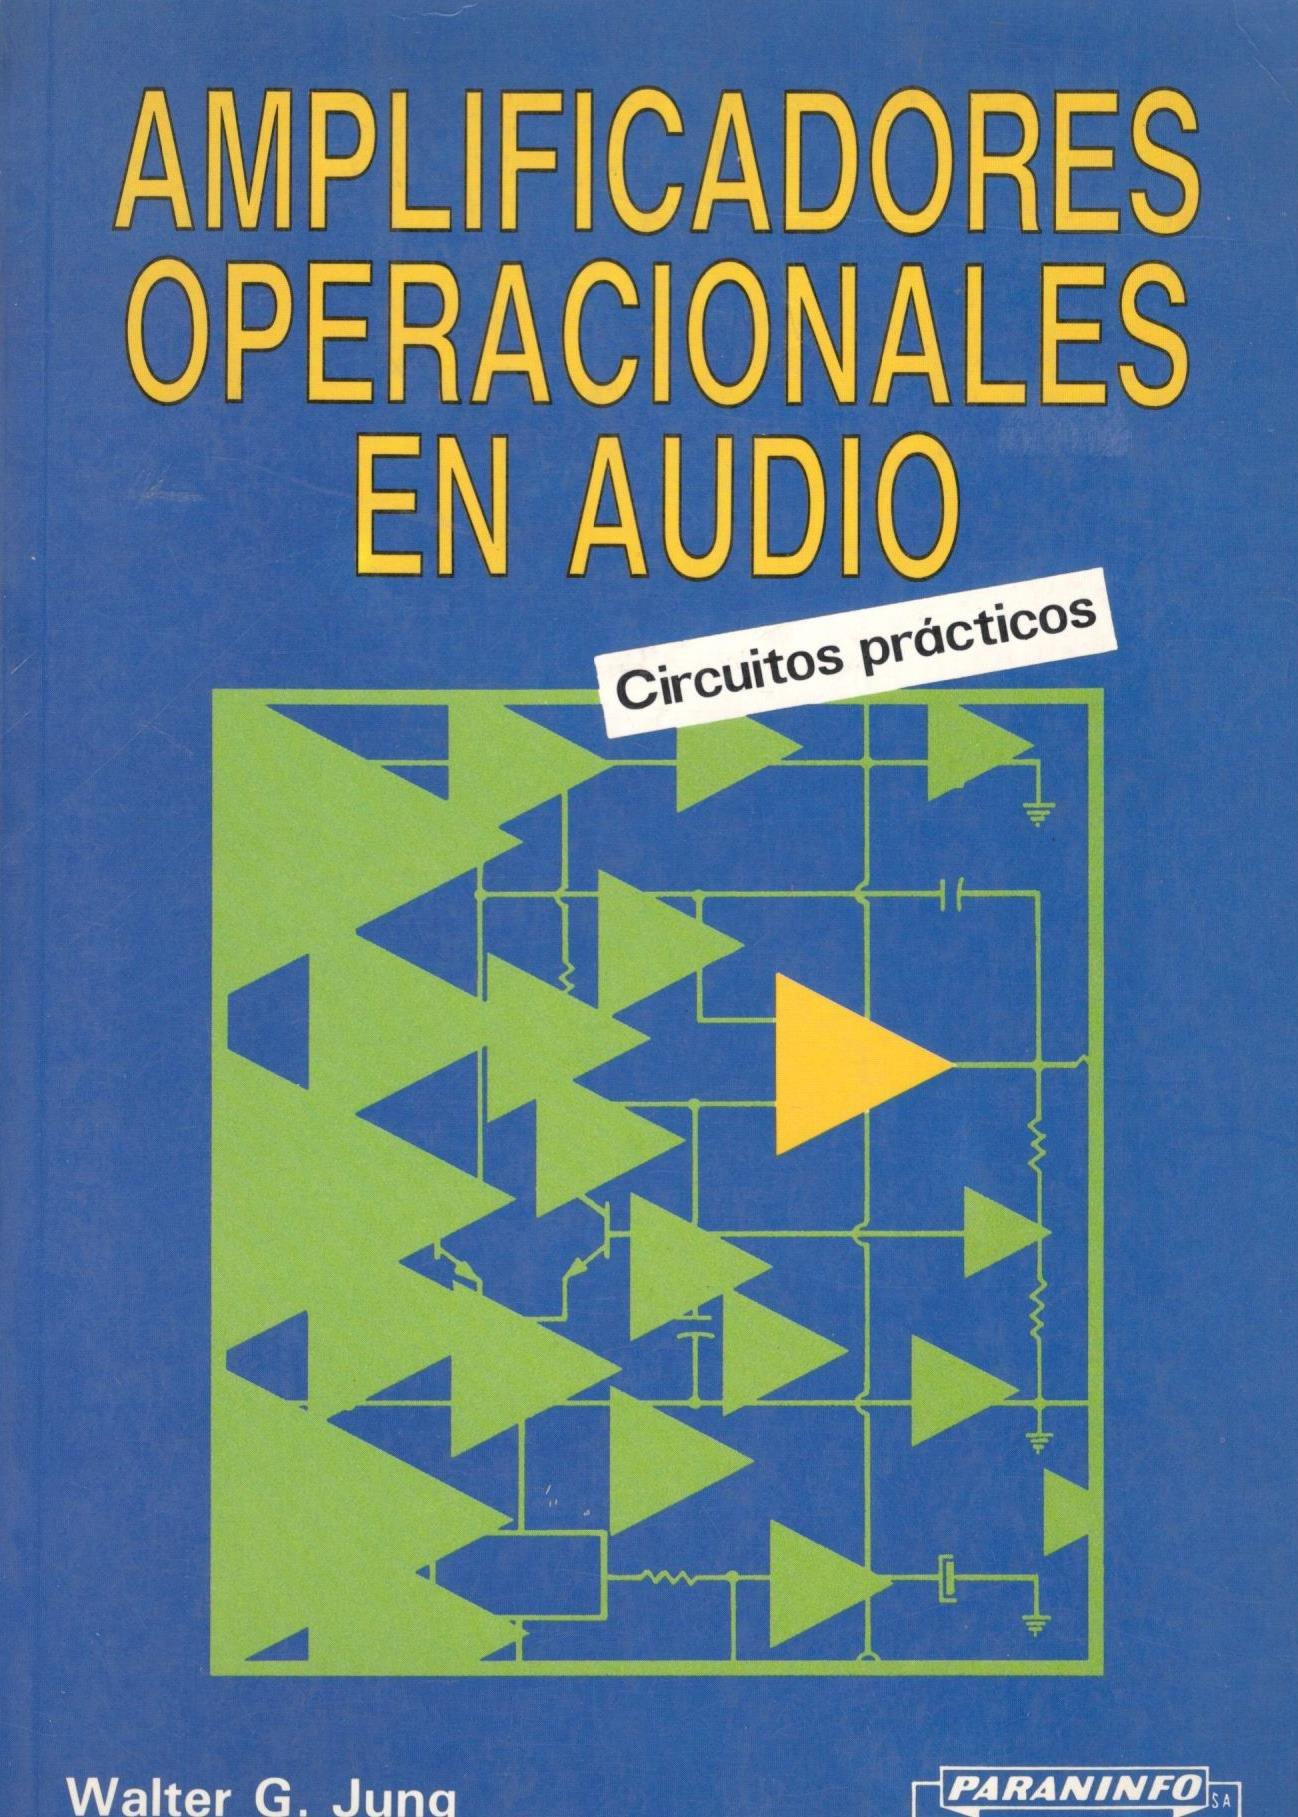 AMPLIFICADORES OPERACIONALES EN AUDIO: CIRCUITOS PRACTICOS Paperback – 1990